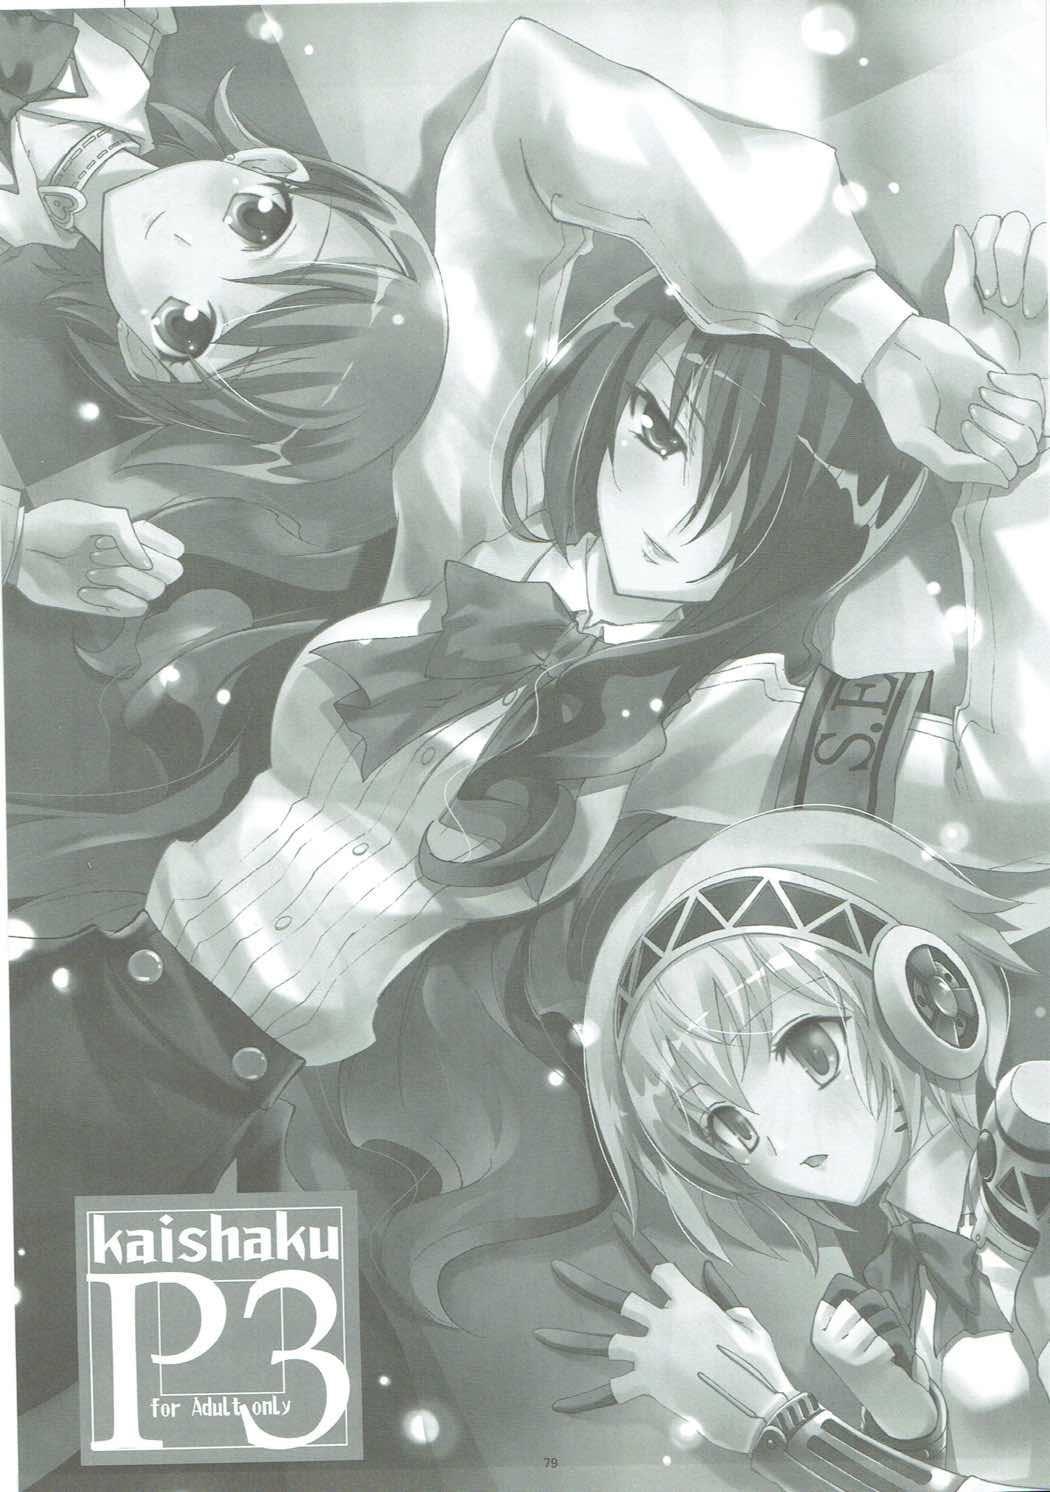 KAISHAKU GOLDEN THEATRE 76